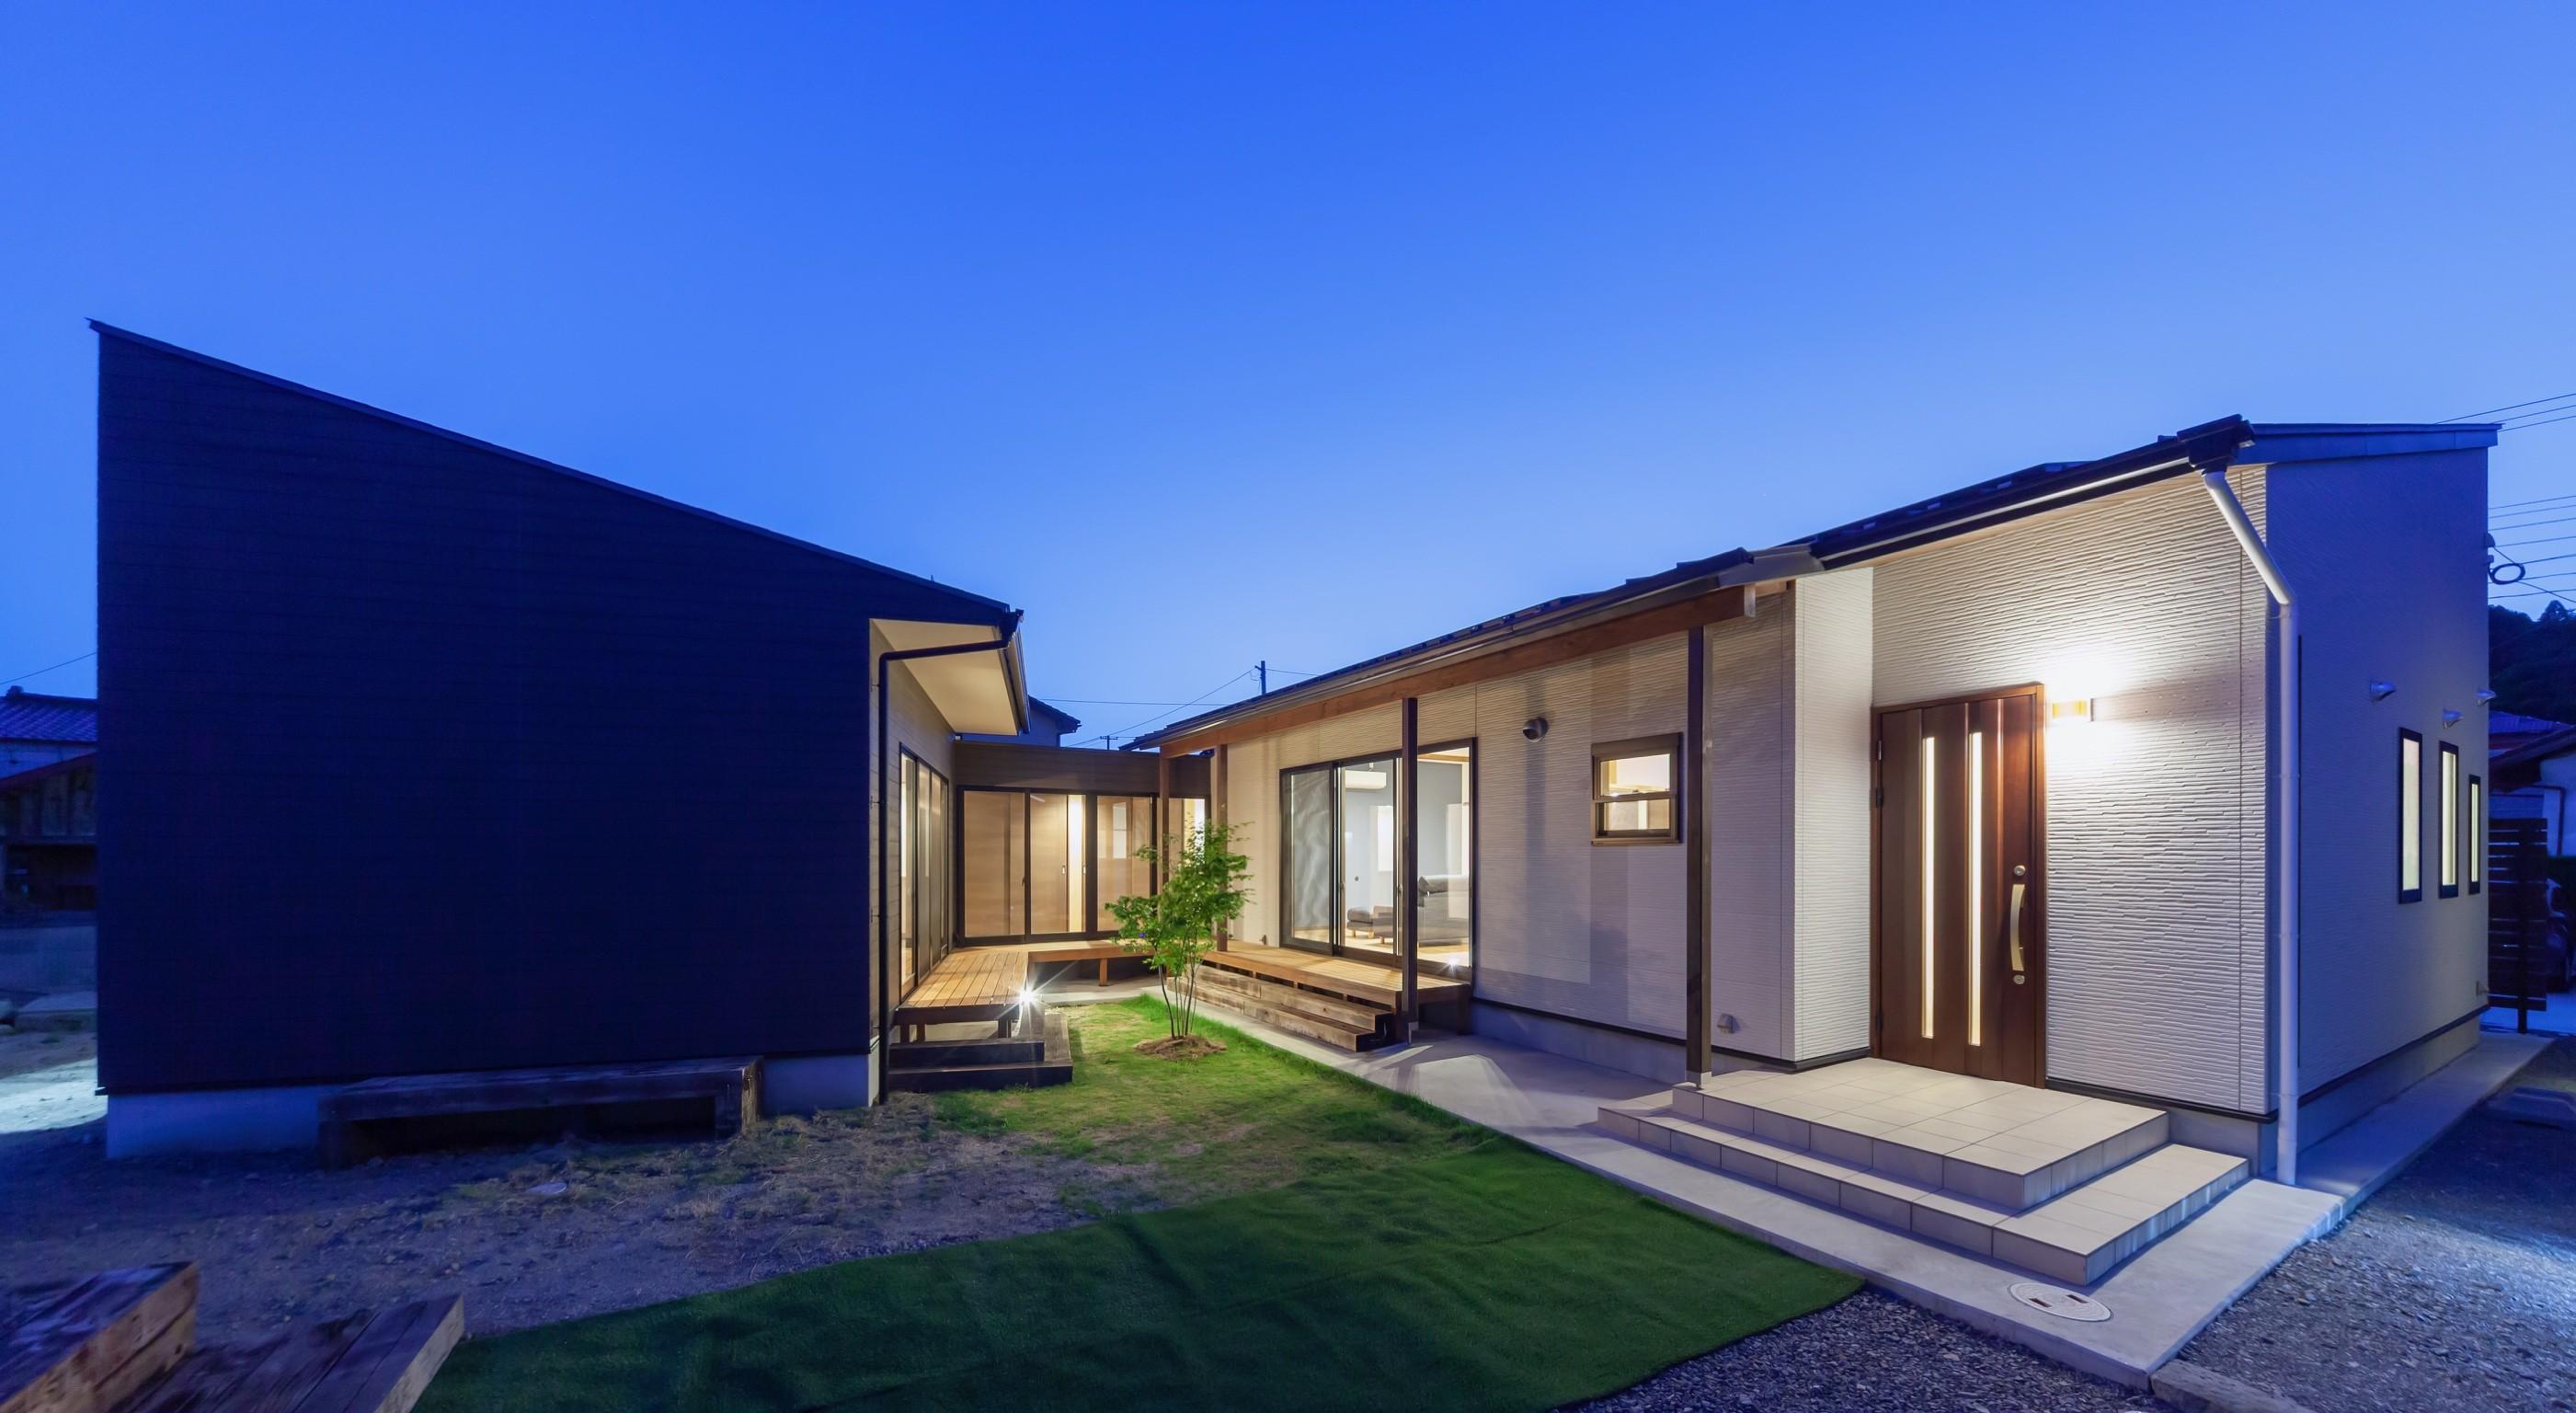 外観事例:中庭(夜景)(須賀川・今泉のリノベーション)